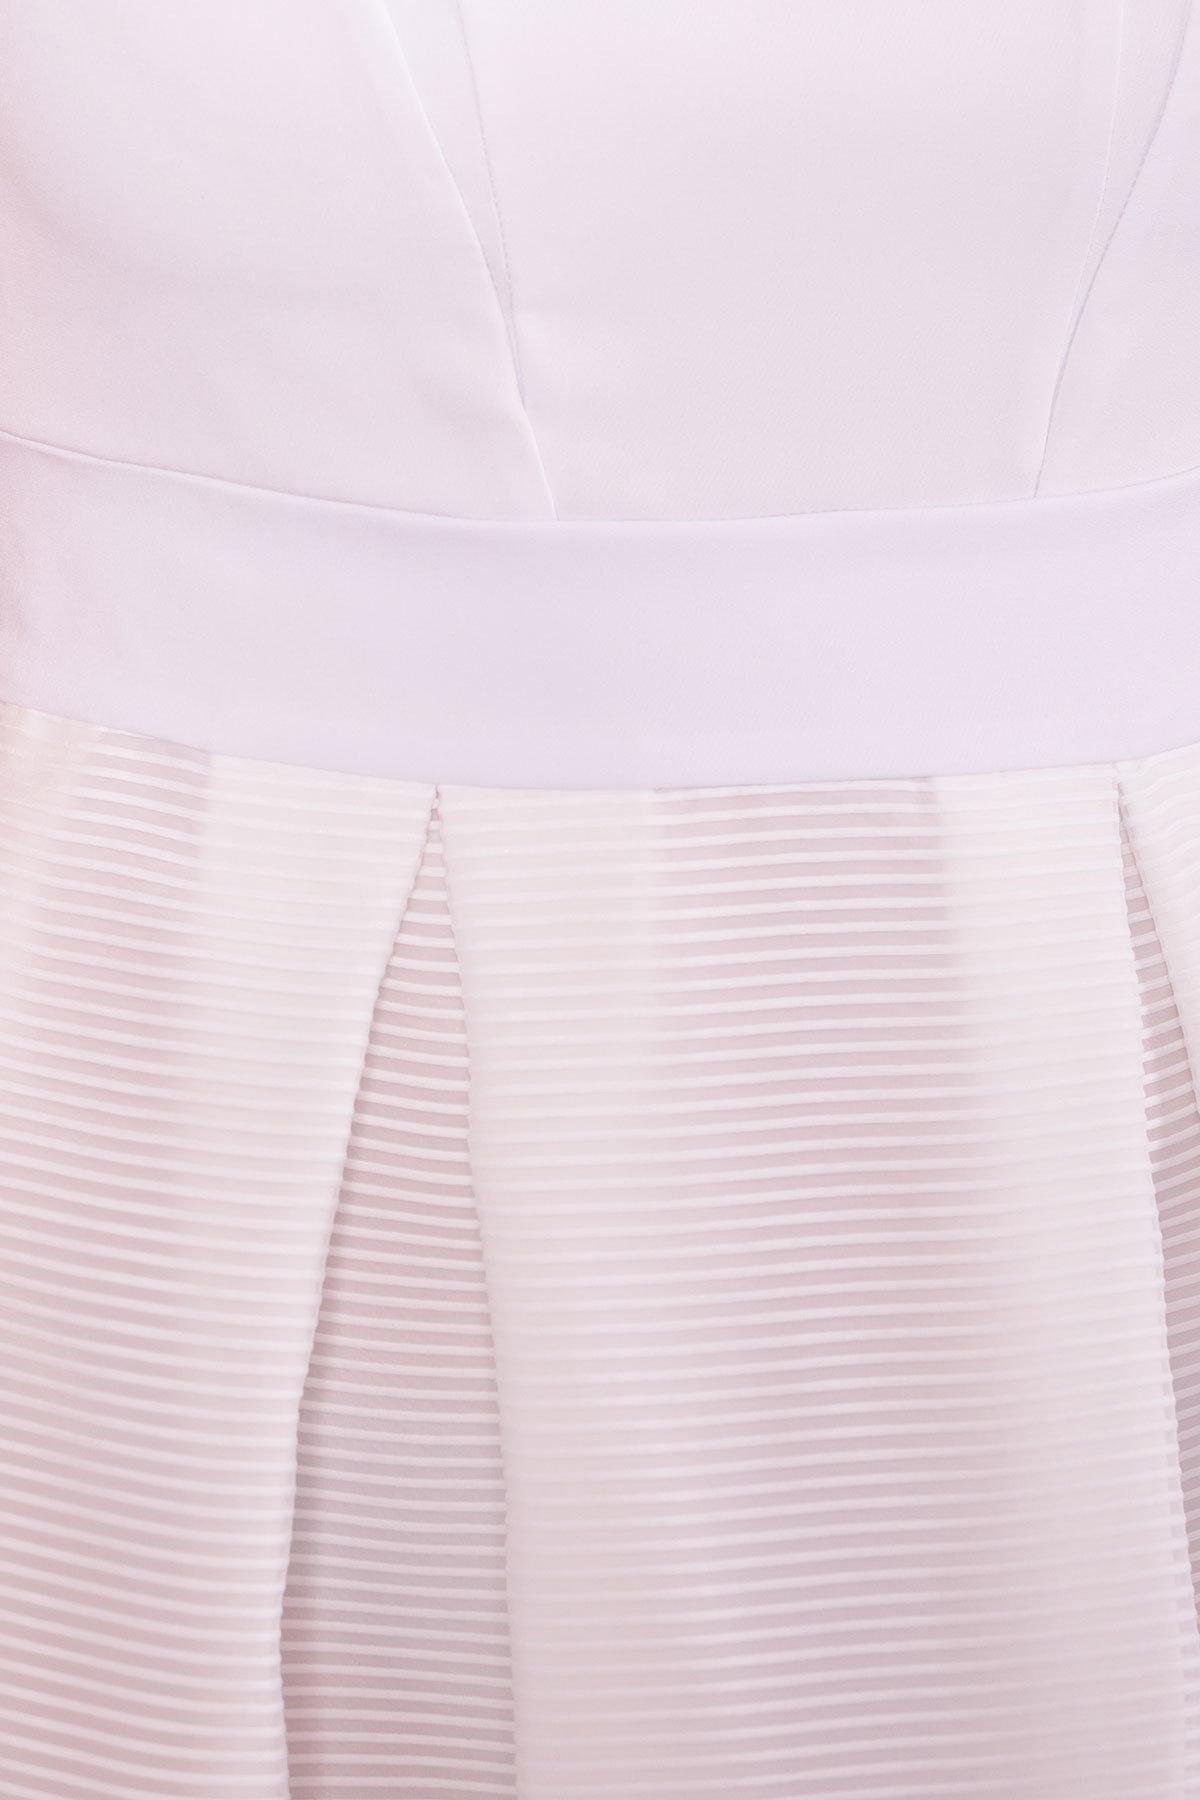 Платье Зарина 6989 АРТ. 43099 Цвет: Белый - фото 4, интернет магазин tm-modus.ru